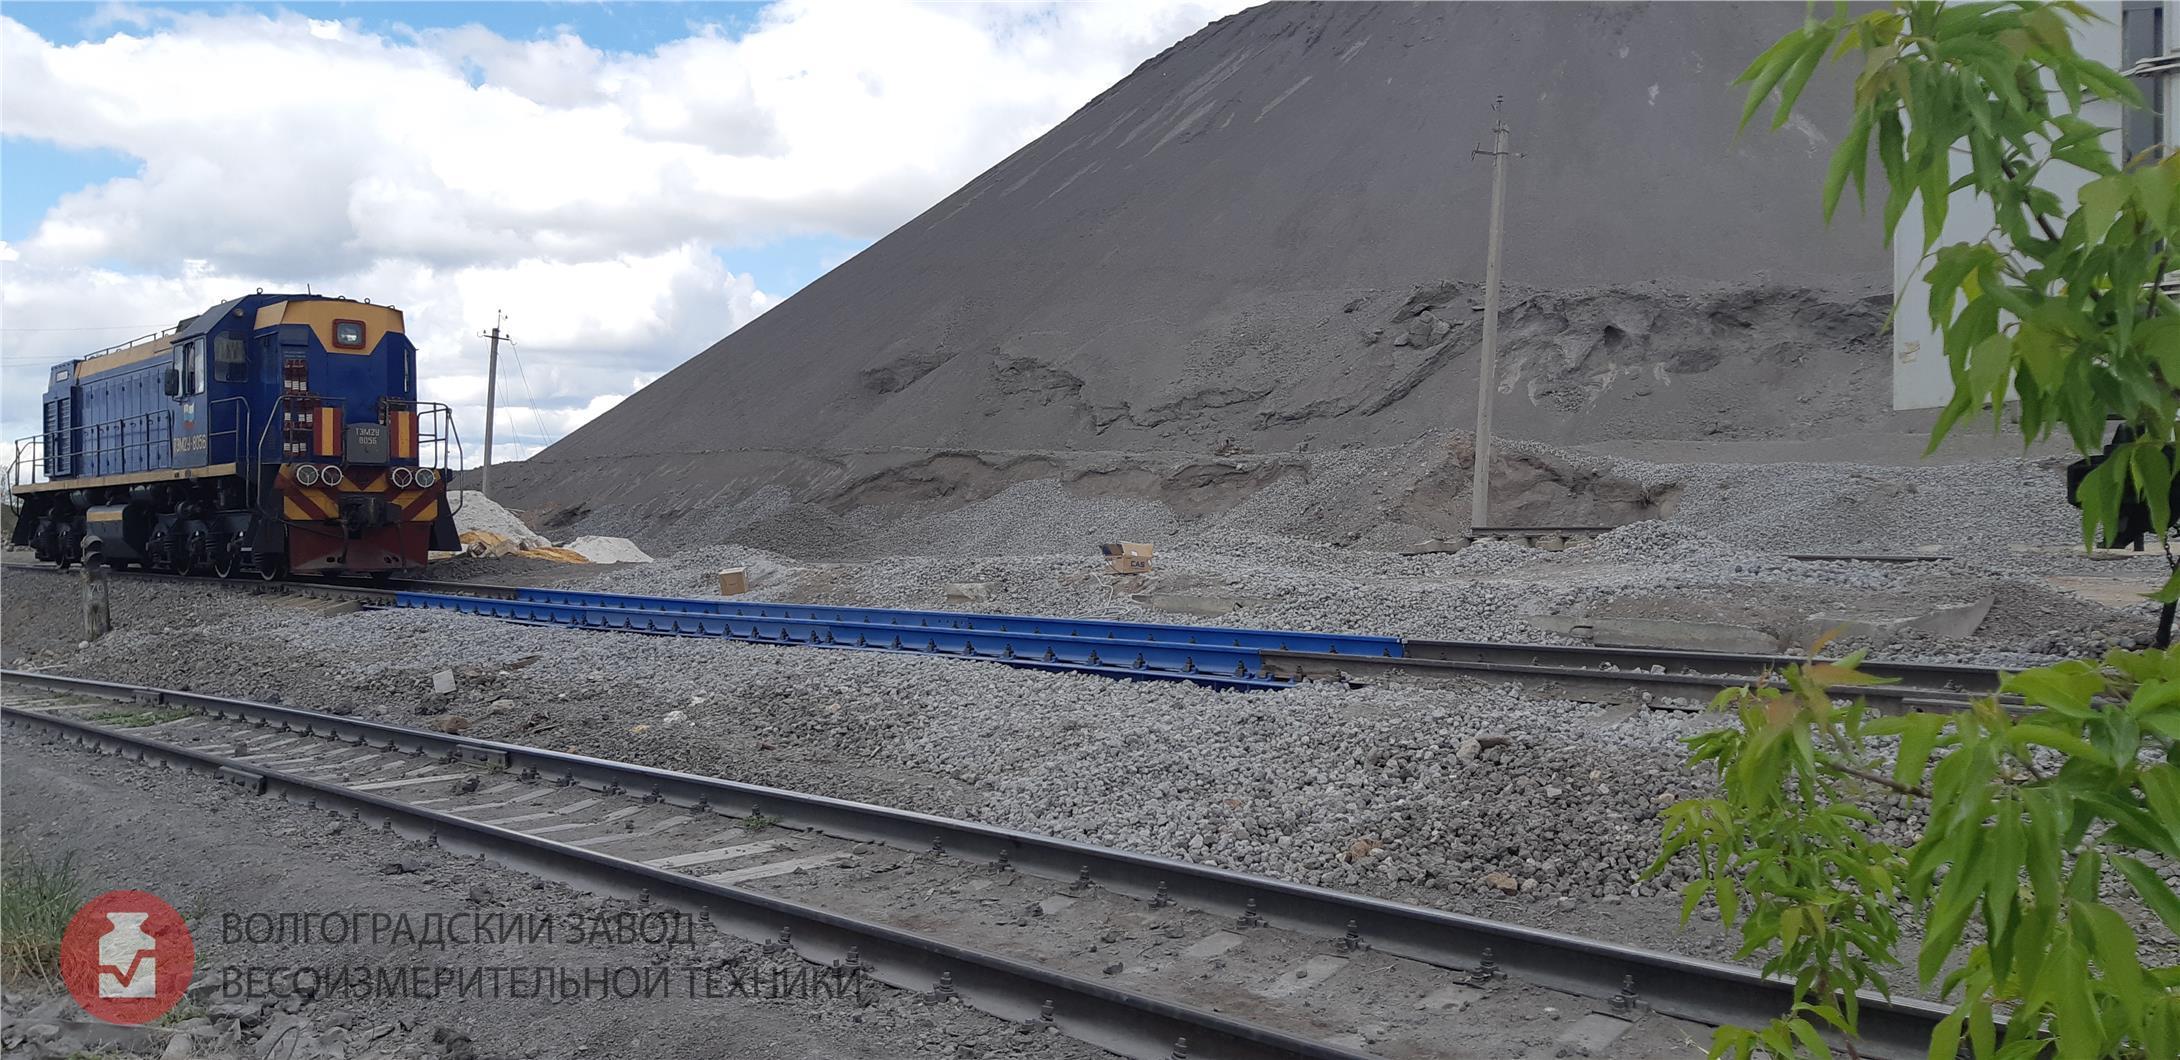 Железнодорожные весы БАМ повагонного и потележечно